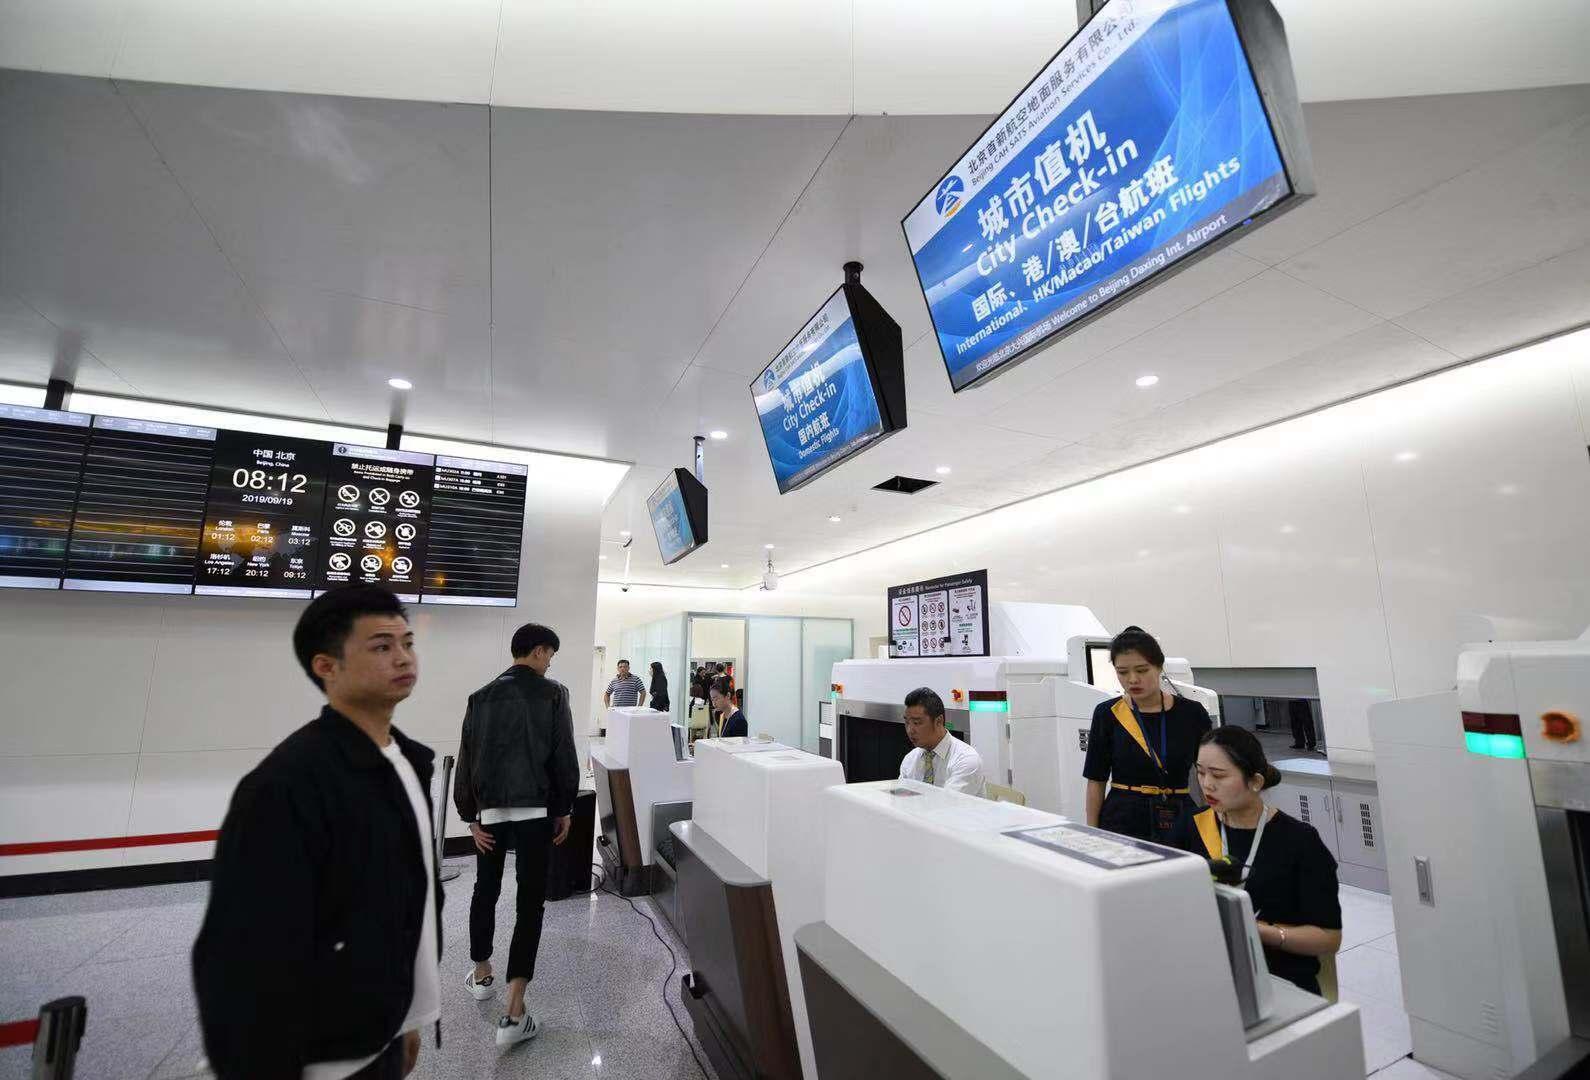 北京大兴国际机场空轨联运上线,地铁票可享八折优惠